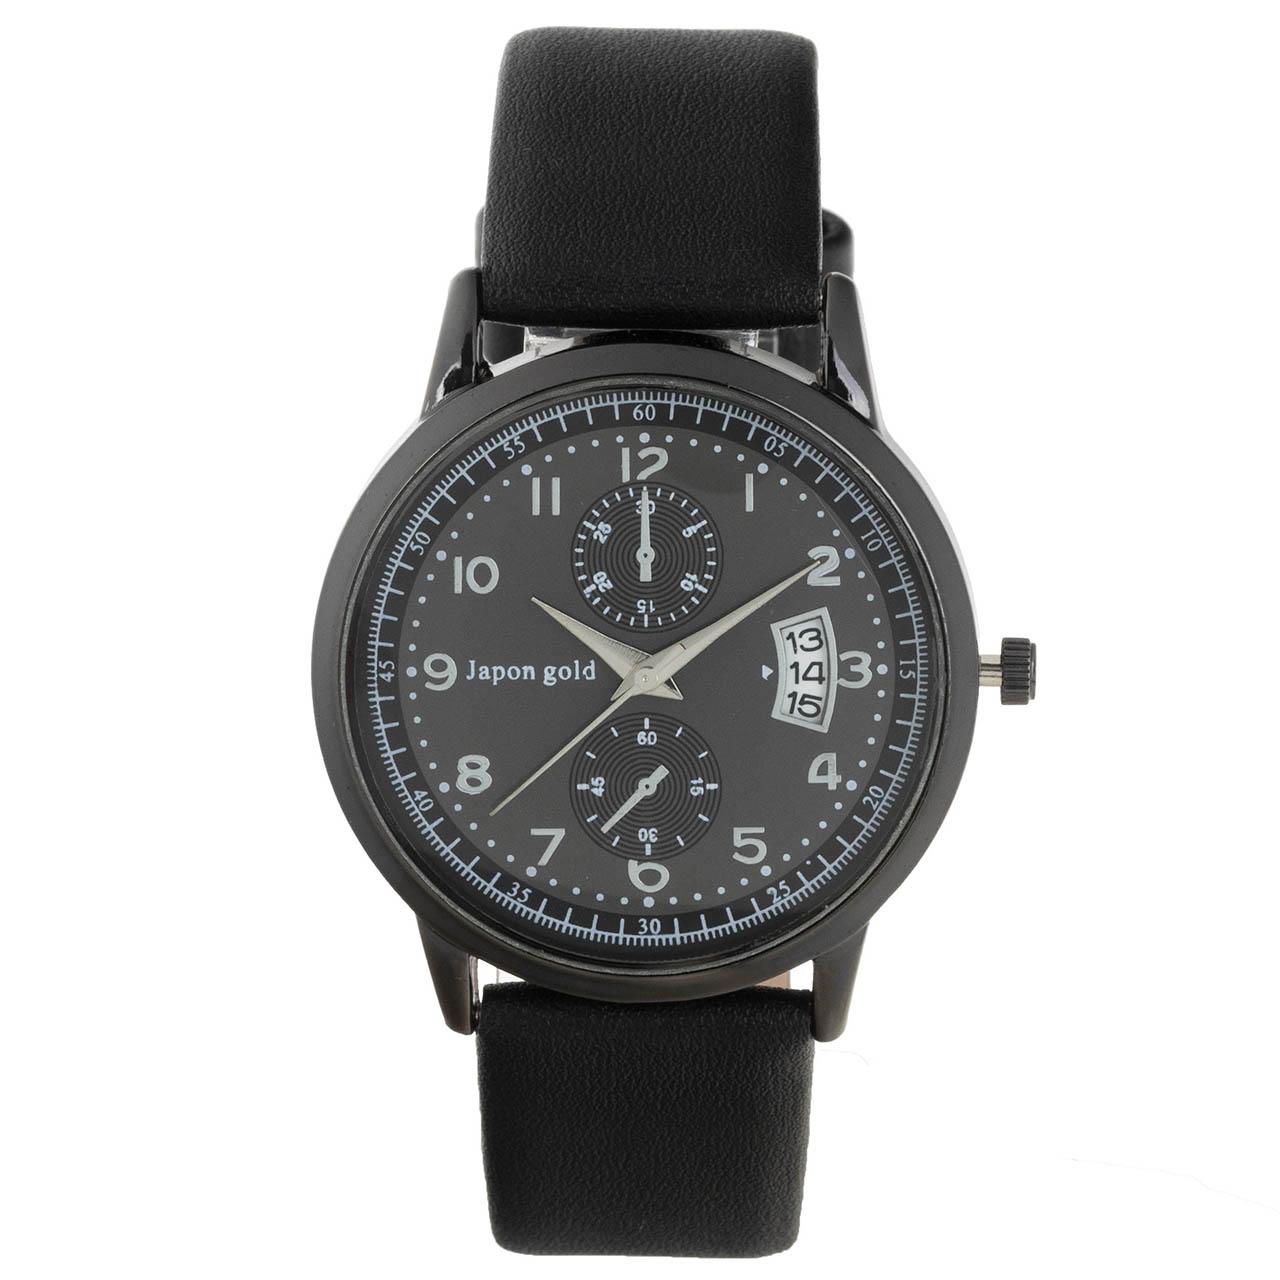 ساعت مچی عقربه ای ژاپن گلد مدل Zm06